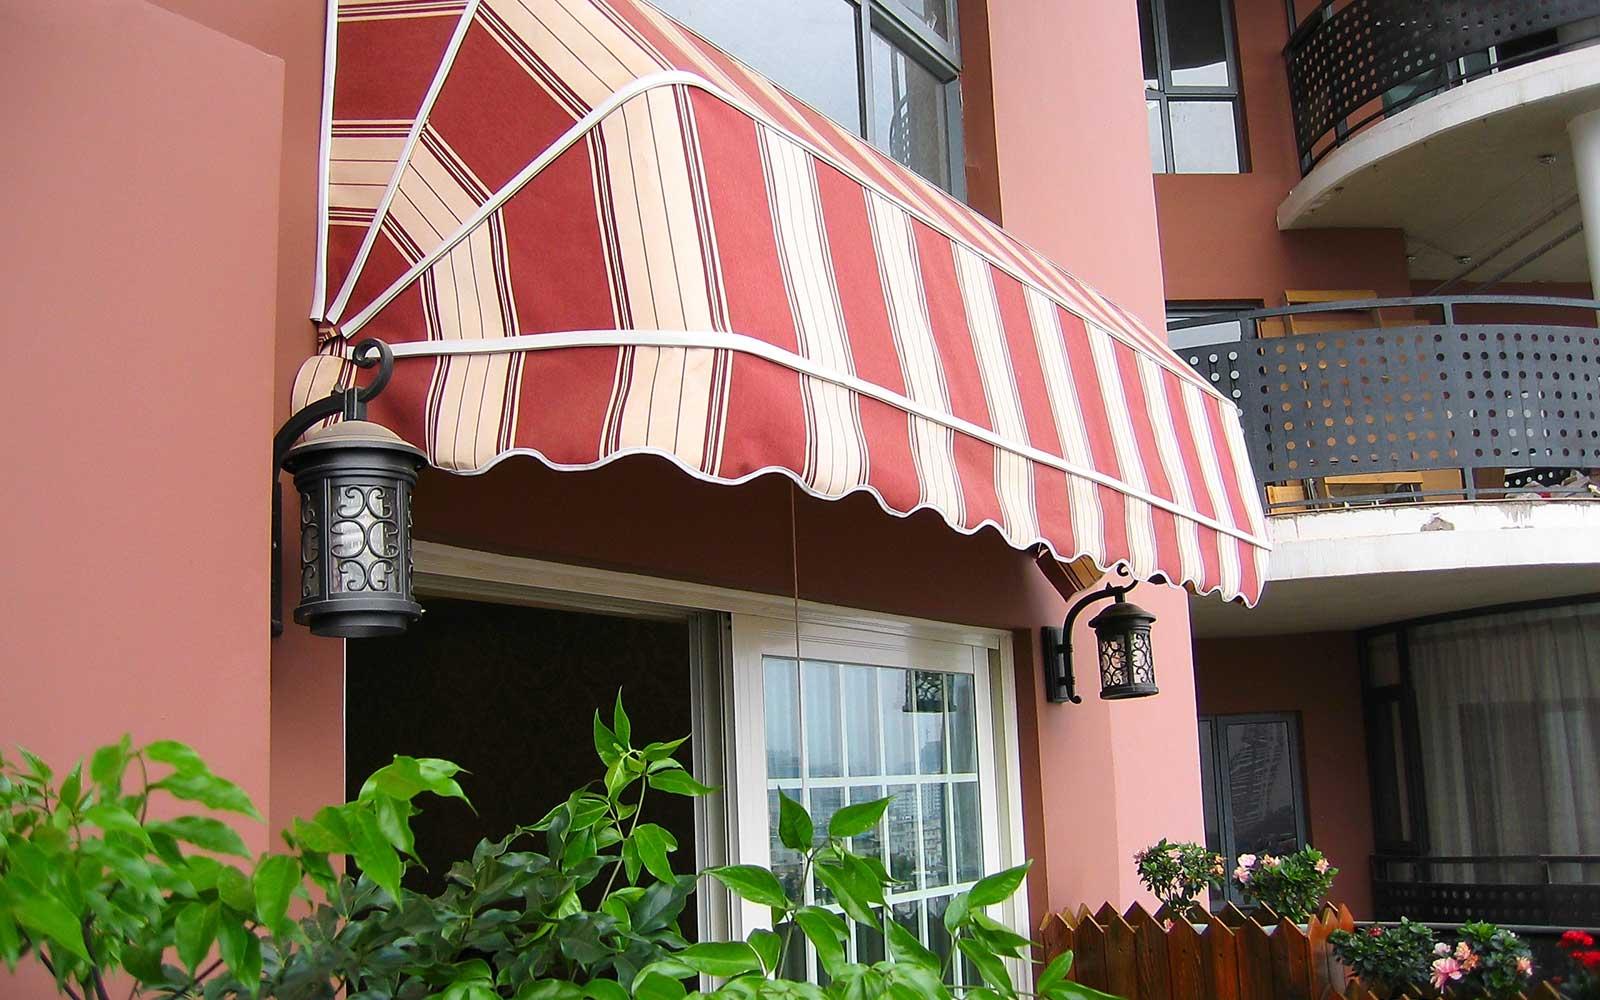 una veranda con una tenda di color rosso e color avorio